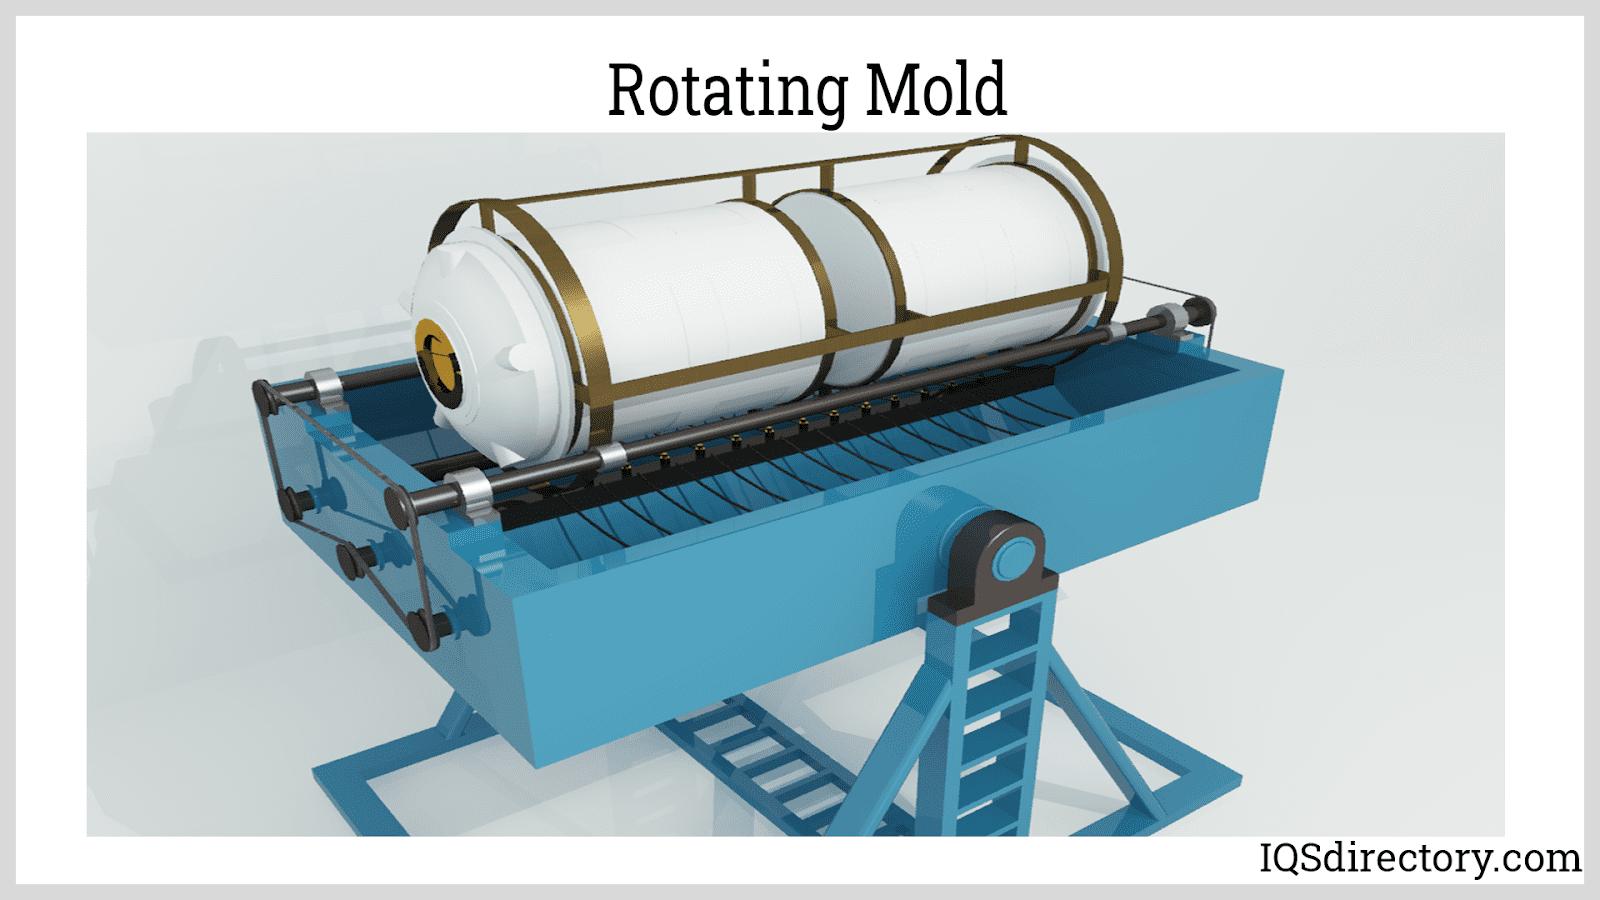 Rotating Mold